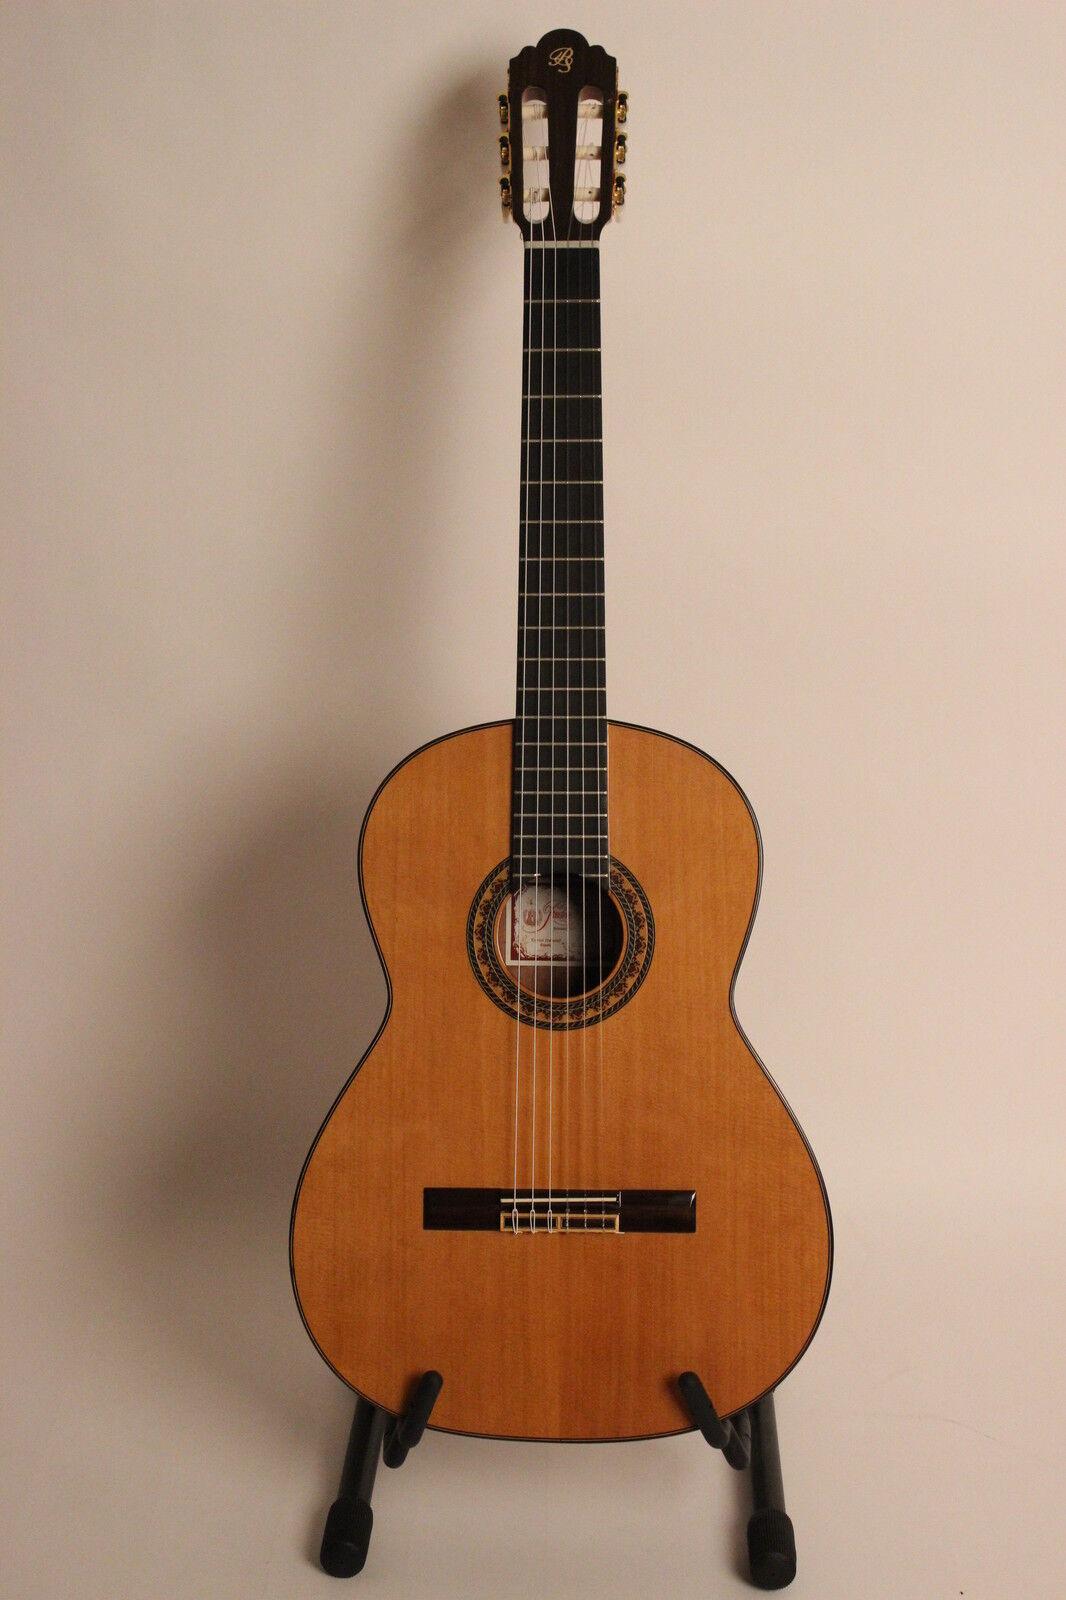 Concierto guitarra saez mod.g3 mod.g3 mod.g3 + plenamente masivas caoba cuerpo + zederndecke nuevo  Sin impuestos